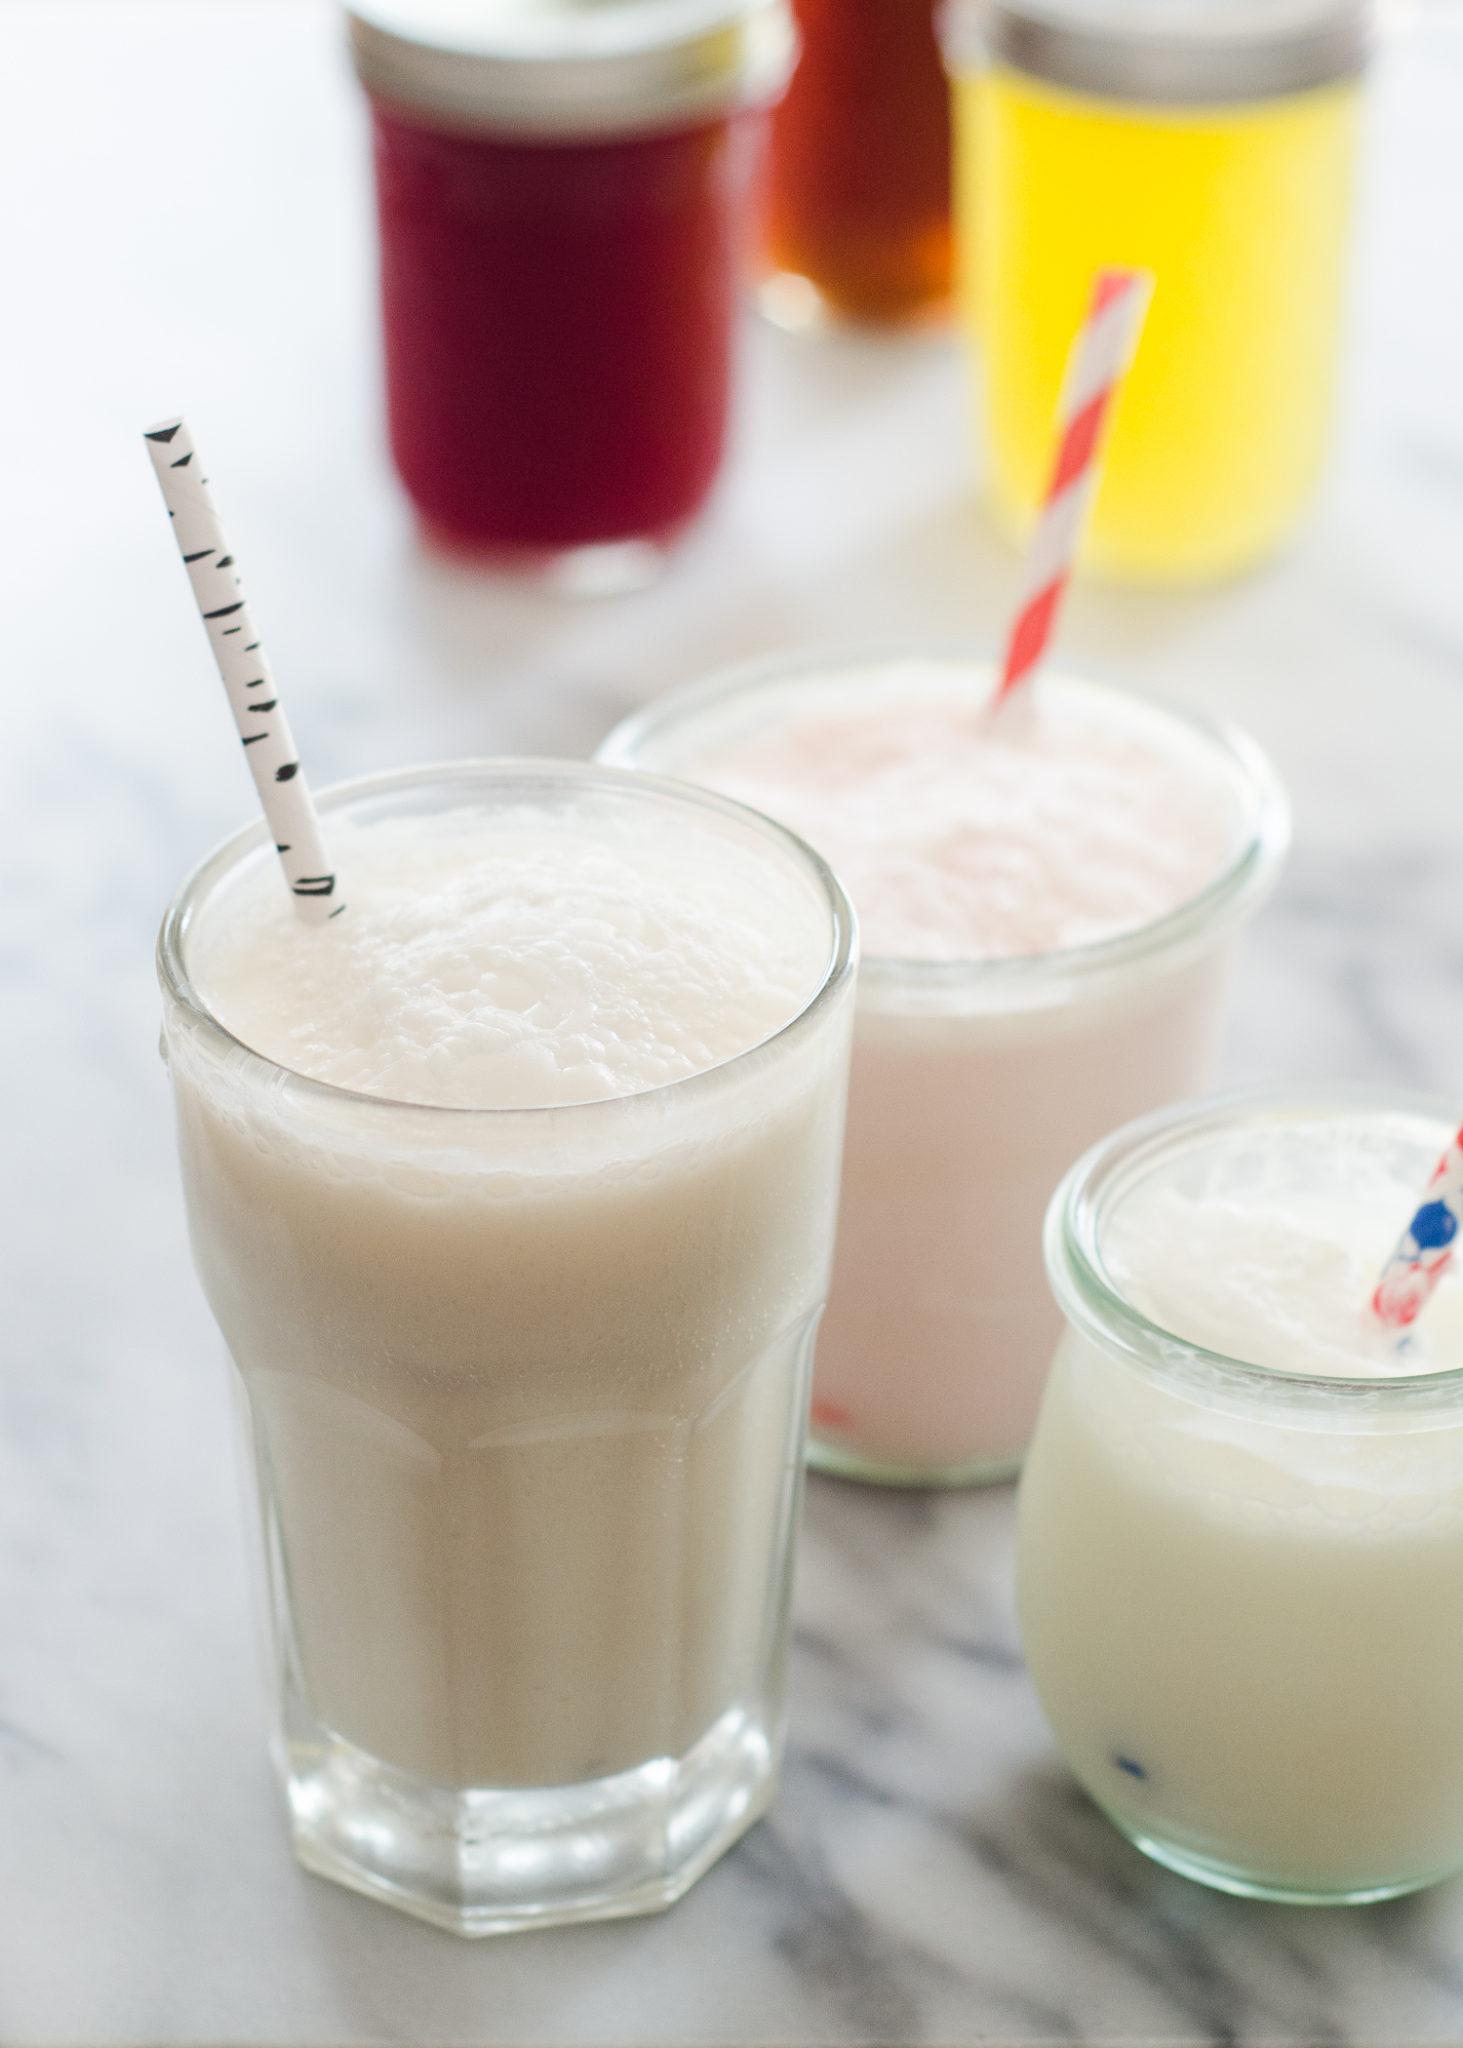 Homemade Cream Sodas